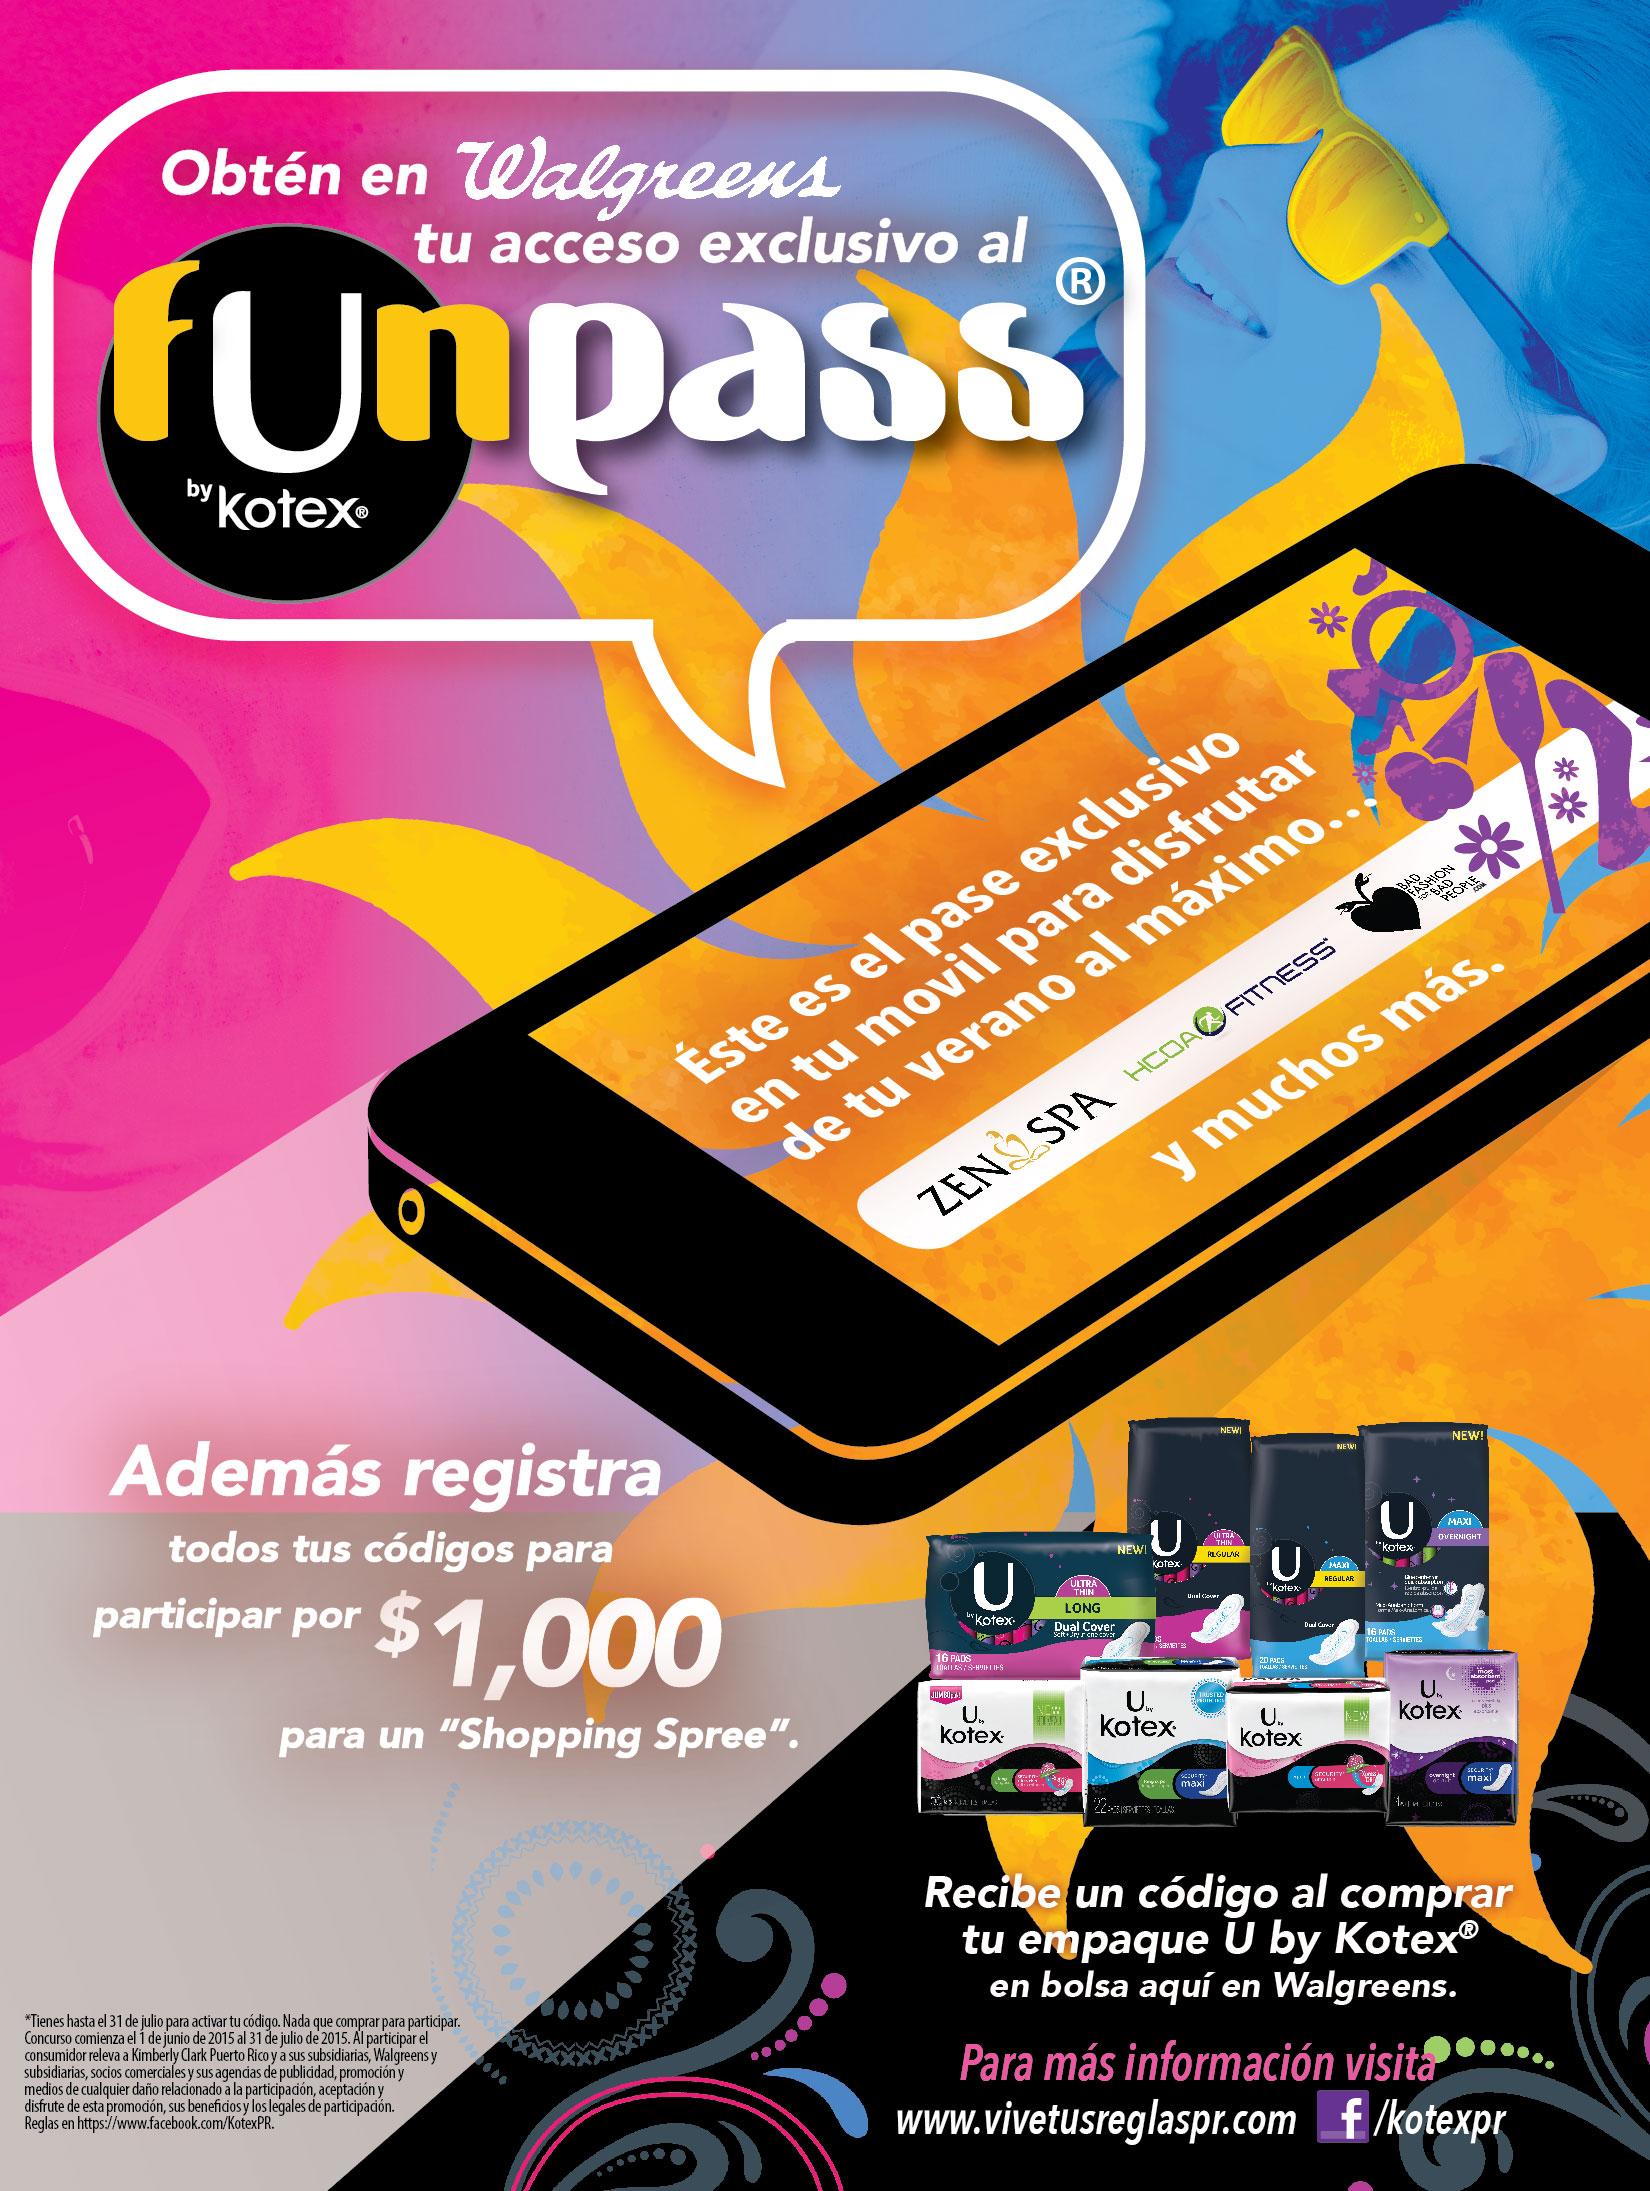 U ByKotex Funpass App